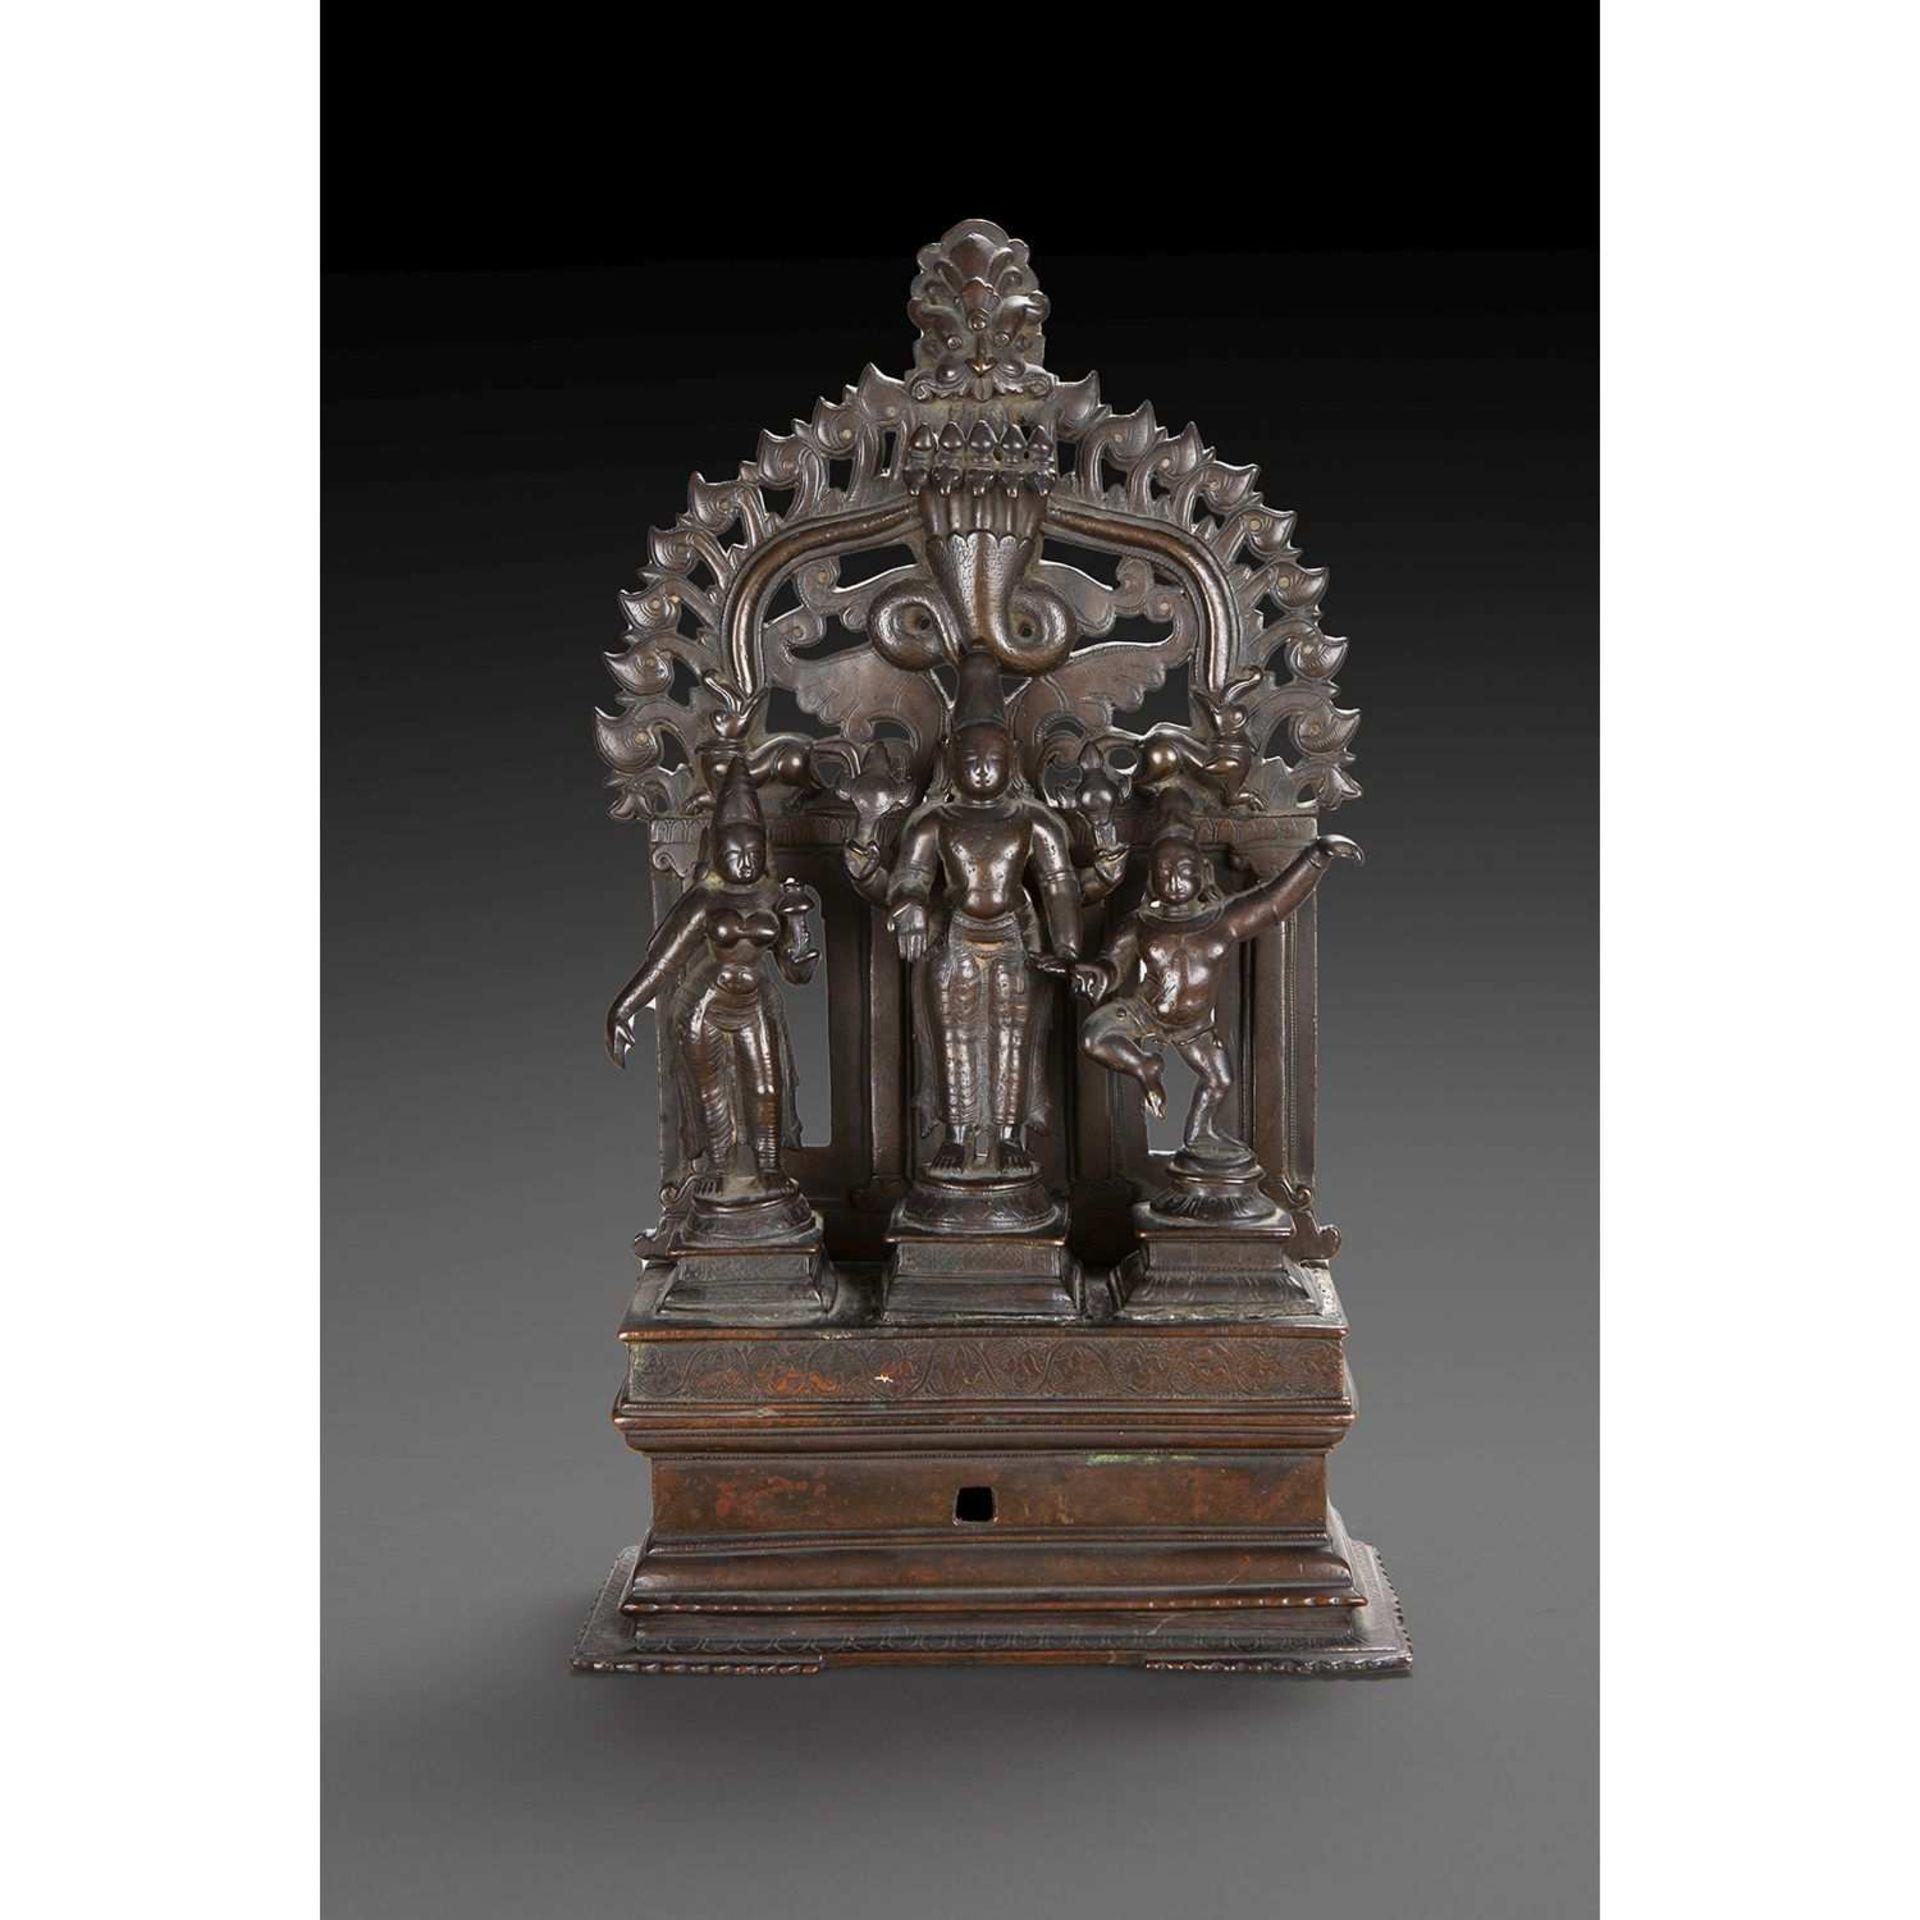 TRIADE INDIENNE en bronze de patine brune, représentant Vishnu au centre, entouré de Lakshmi et